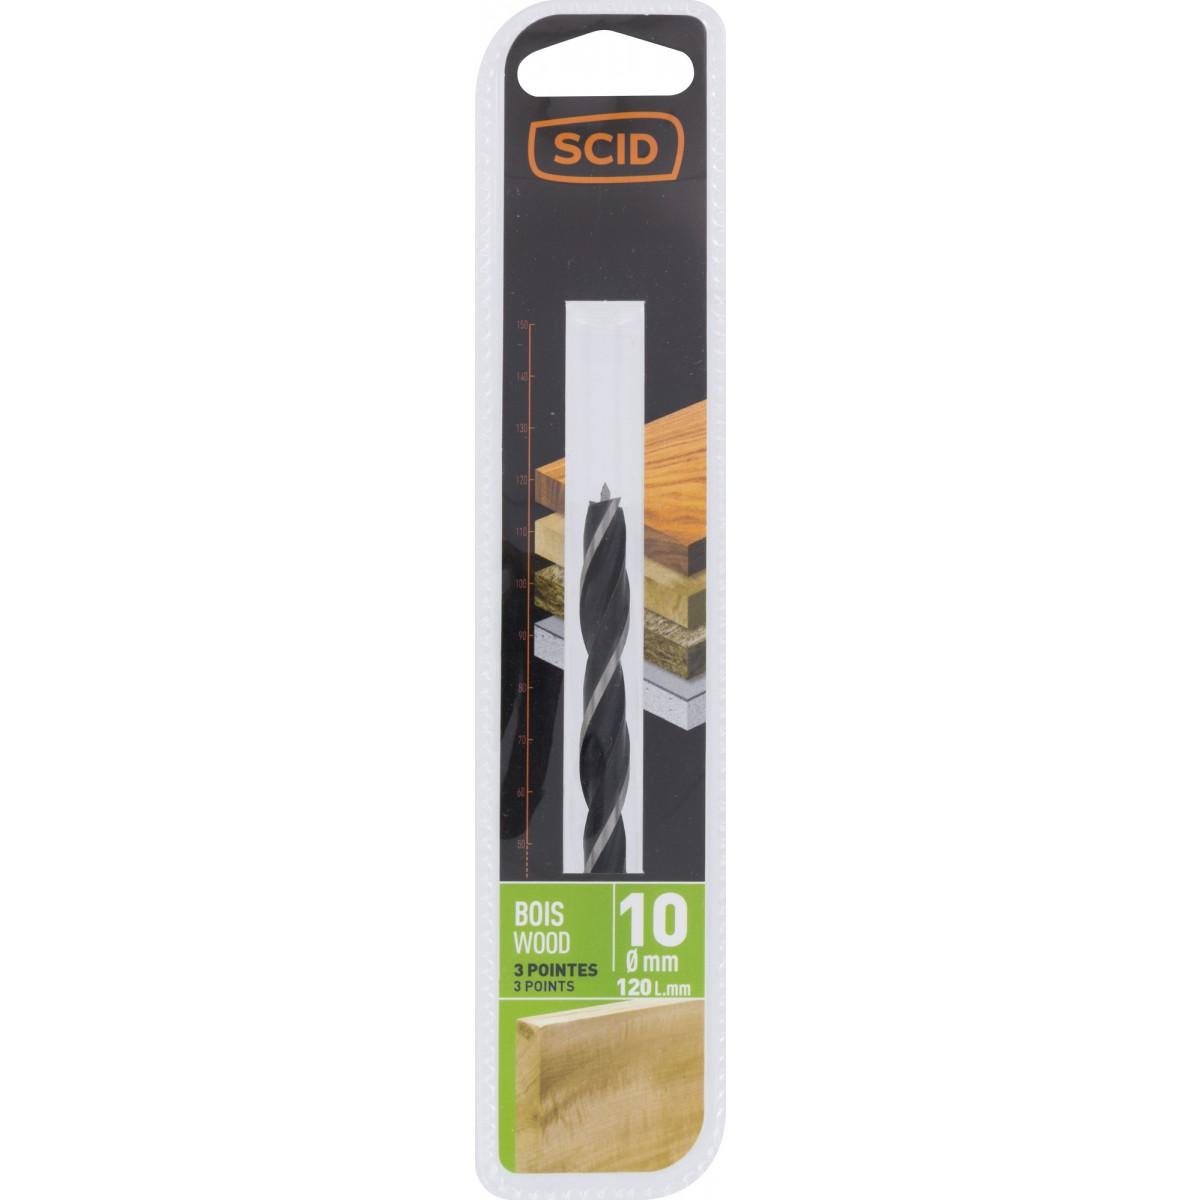 Mèche à bois 3 pointes SCID - Longueur 120 mm - Diamètre 10 mm